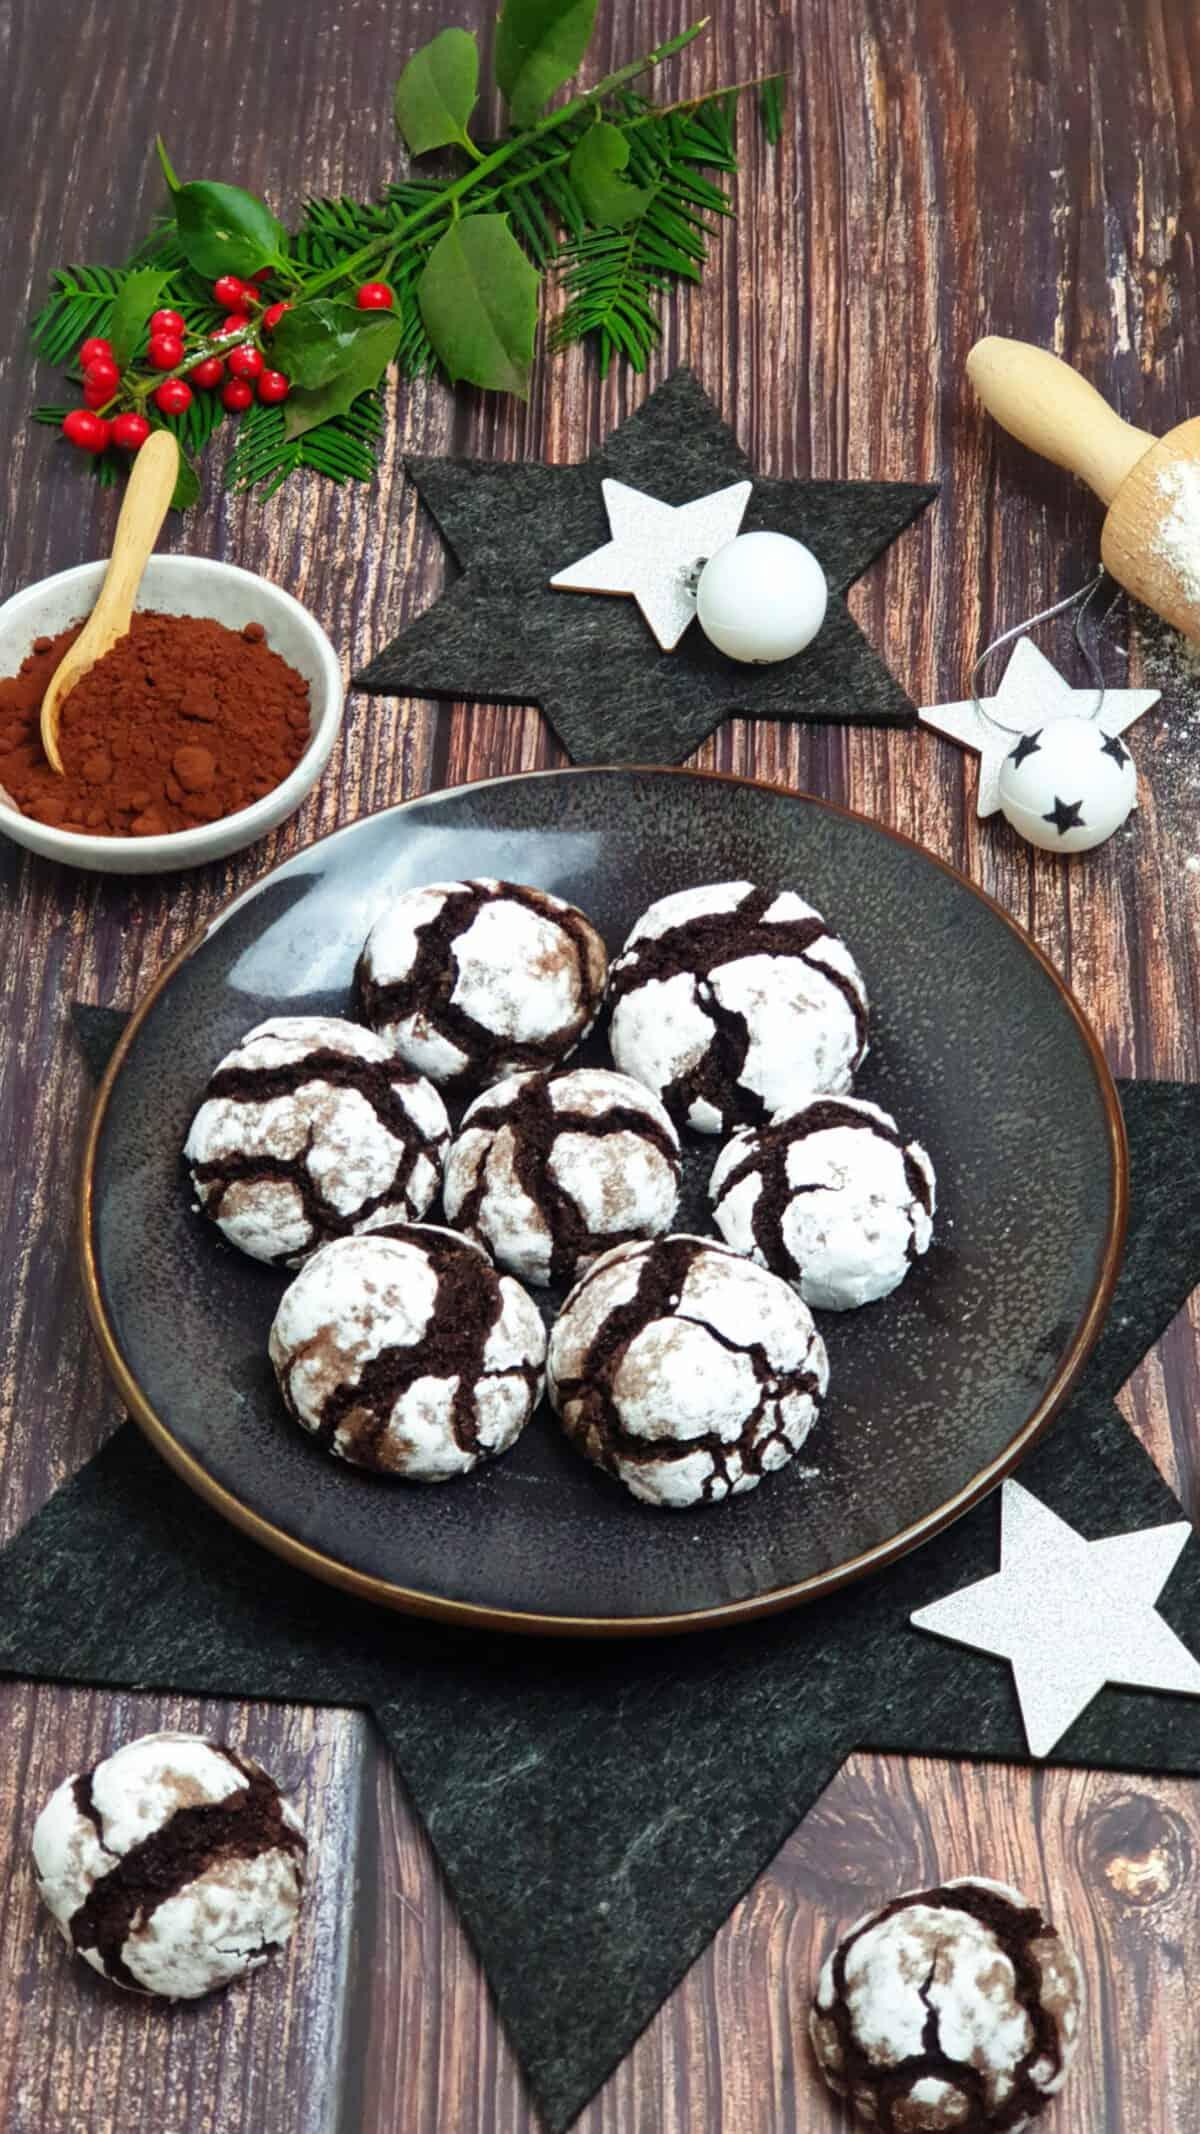 Auf einem braunen Teller weiße Crinkle-Cookies. Im Hintergrund Deko.